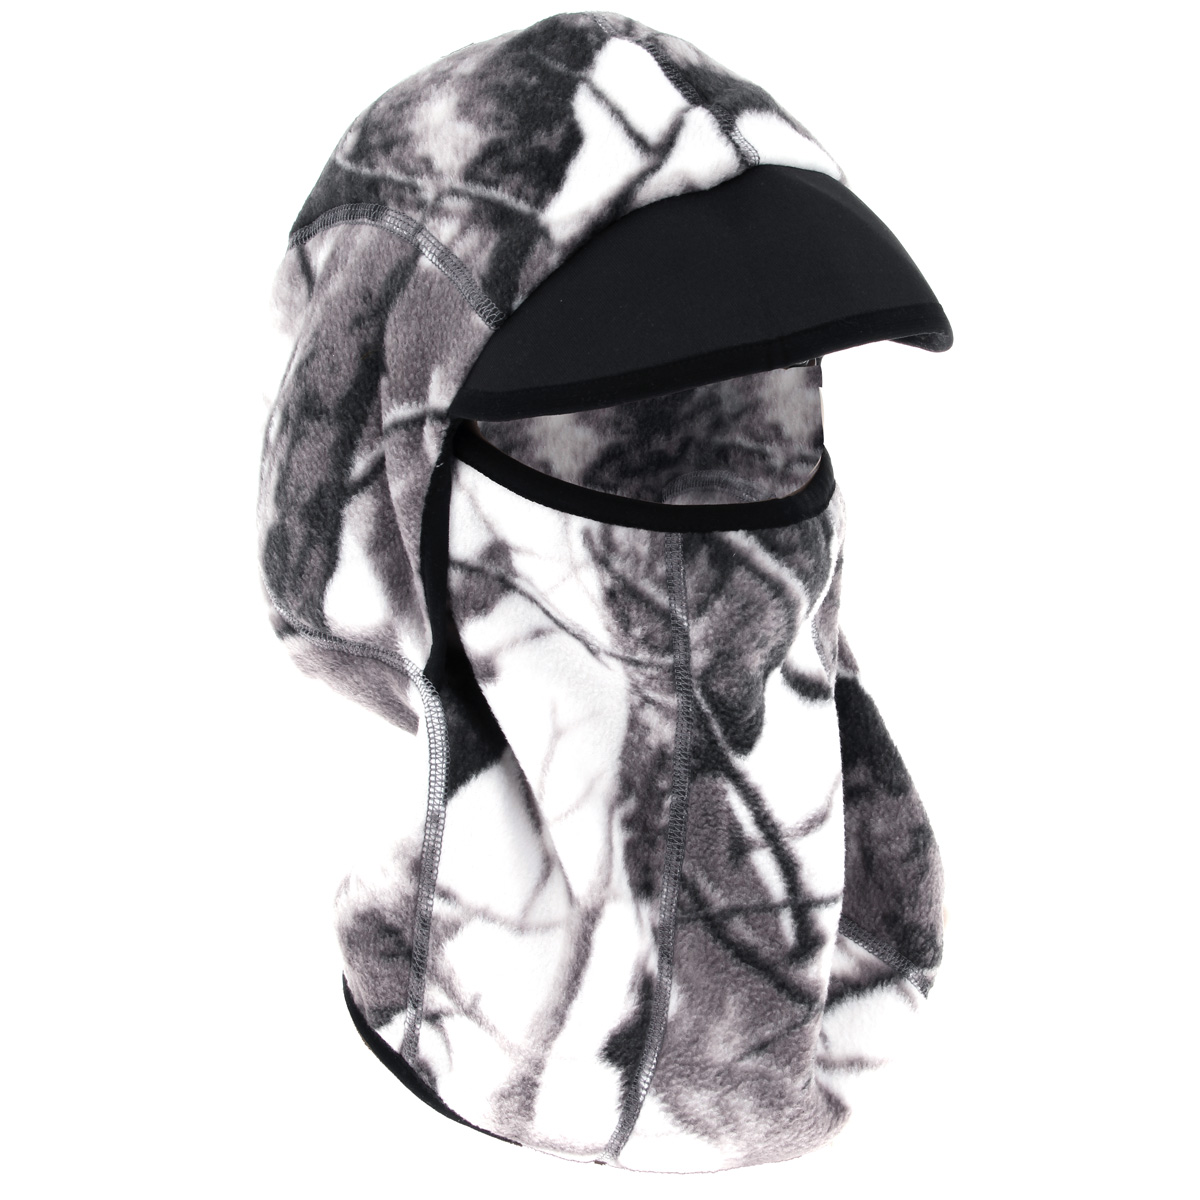 Шапка-маска мужская Norfin, цвет: зимний лес. 752. Размер XL (60/61)752-WТеплая шапка-маска Norfin - отличная модель для холодной погоды. Это стильная и износостойкая шапка выполнена из флиса и оформлена вышитым логотипом бренда. Также есть не большой козырек над глазами.